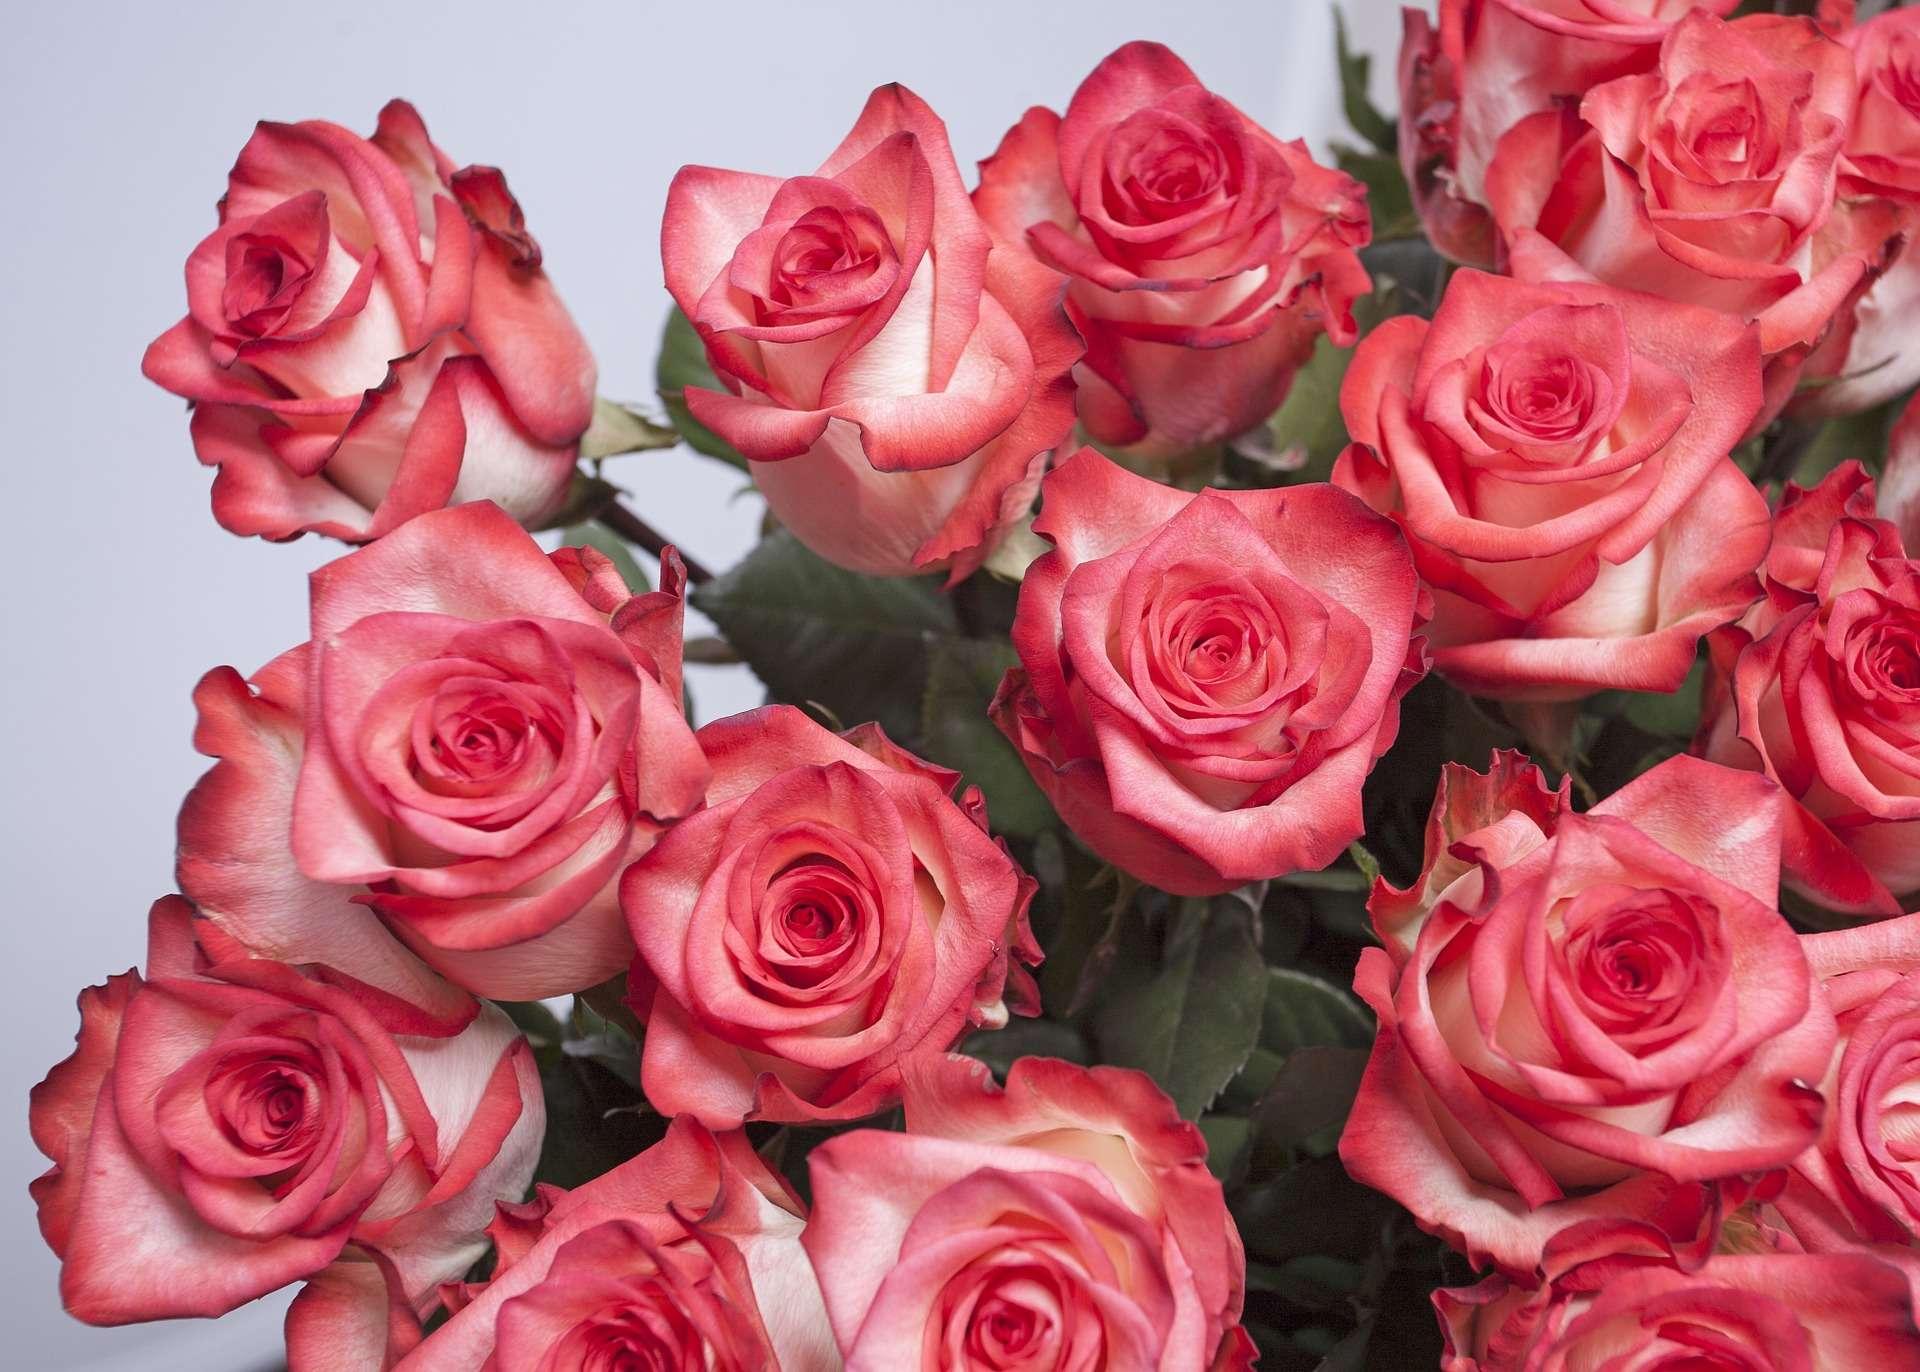 rose-966861_1920